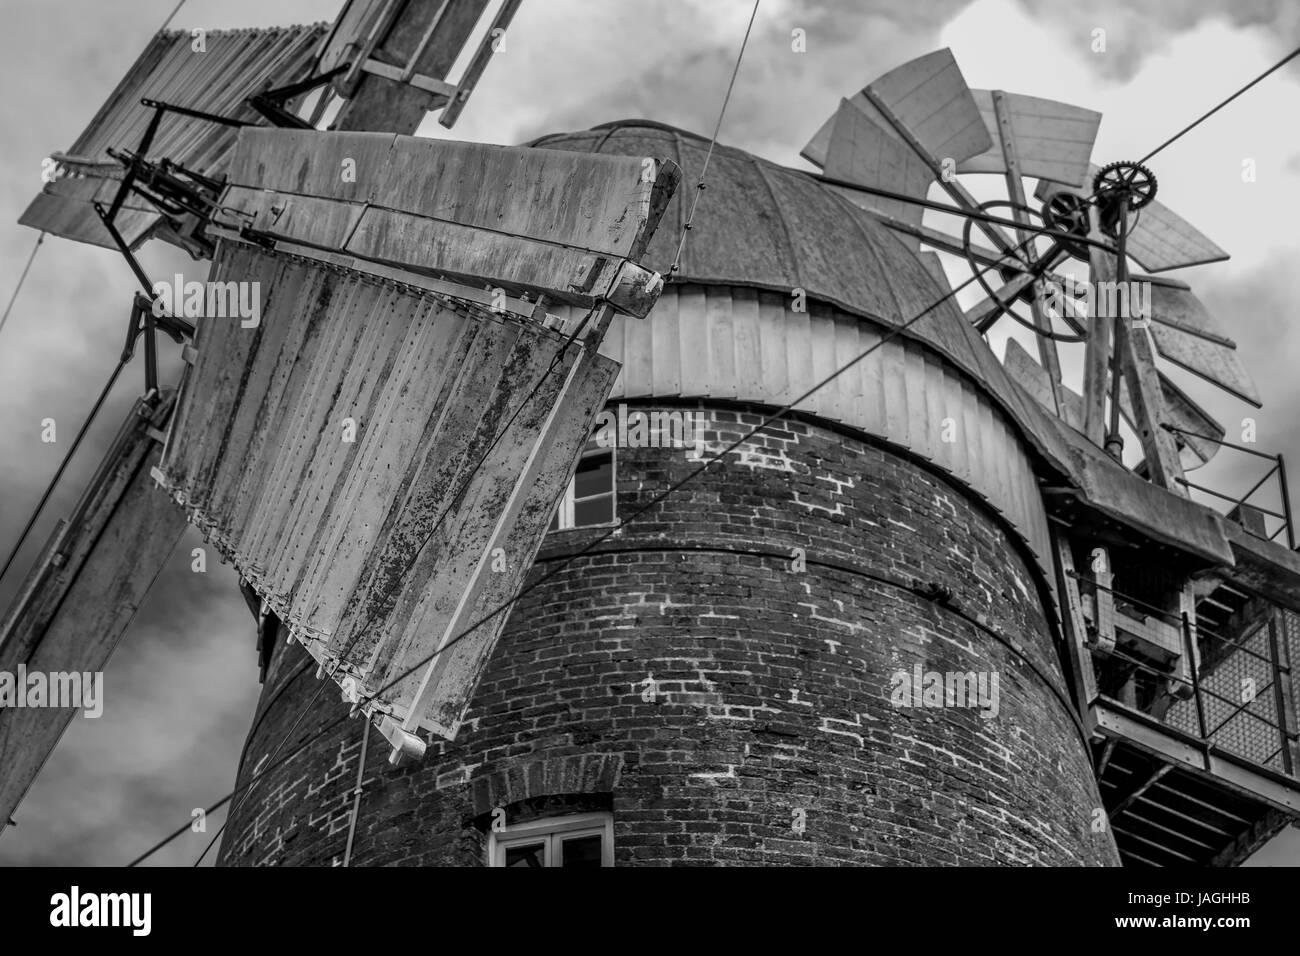 Mountfitchet Windmühle in Monochrom Stockbild